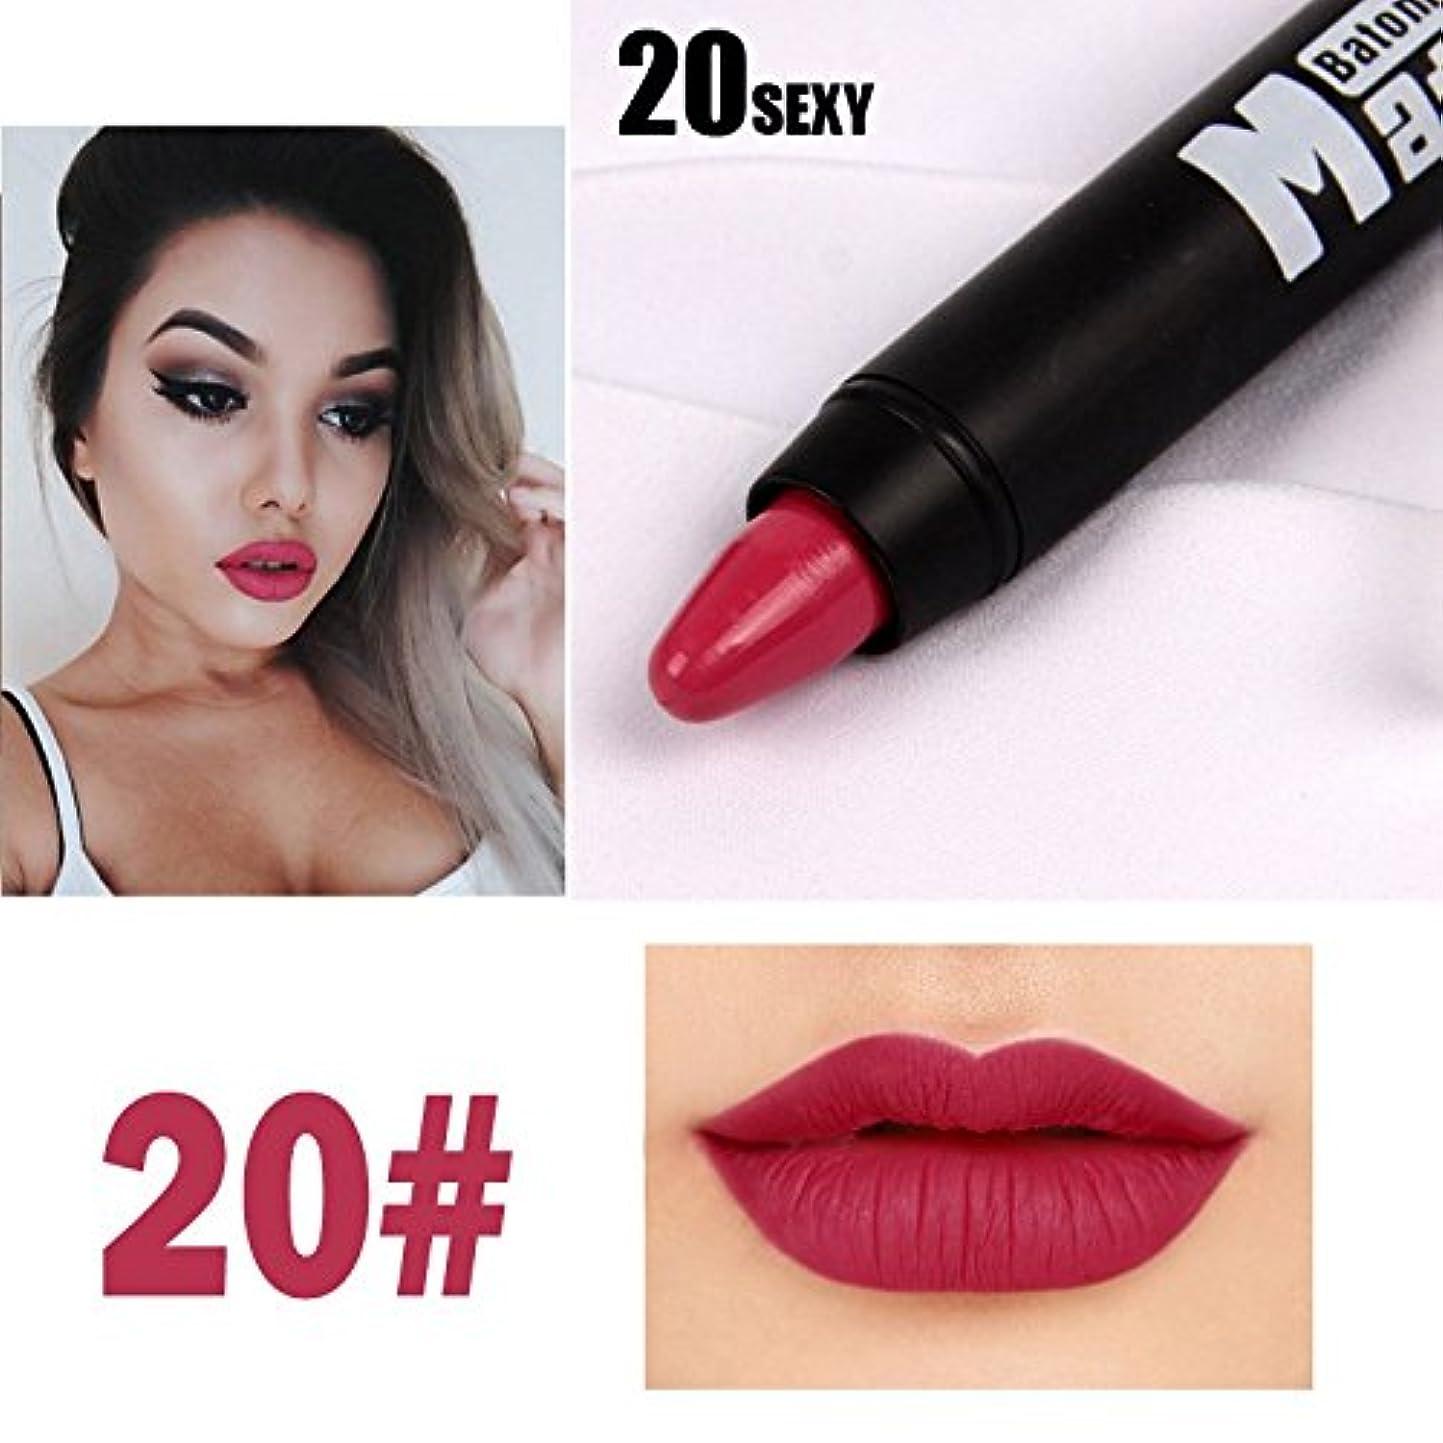 酔っ払い満足宿命MISS ROSE Professional Women Waterproof Lipstick Lips Cream Beauty Lote Batom Matte Lipstick Nude Pencils Makeup